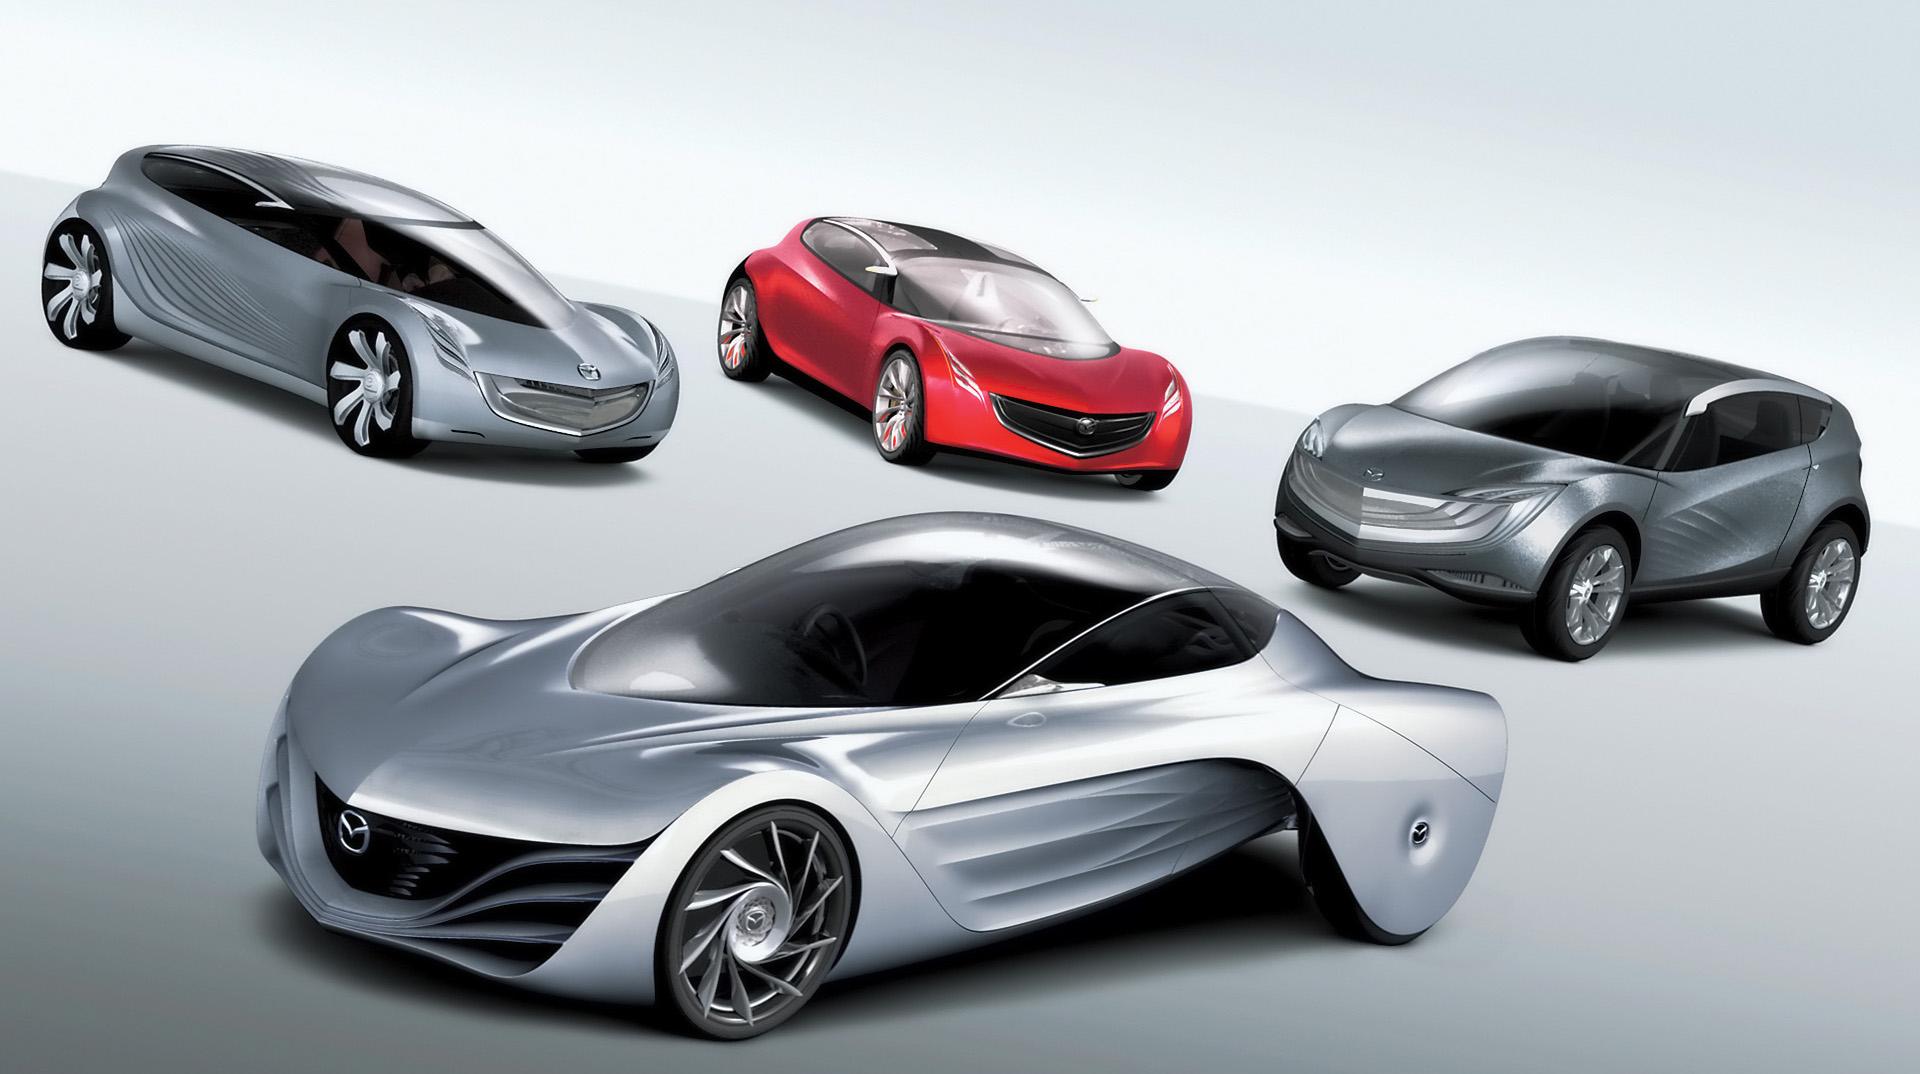 https://www.conceptcarz.com/images/Mazda/Mazda-Taiki-Concept-2007-09.jpg